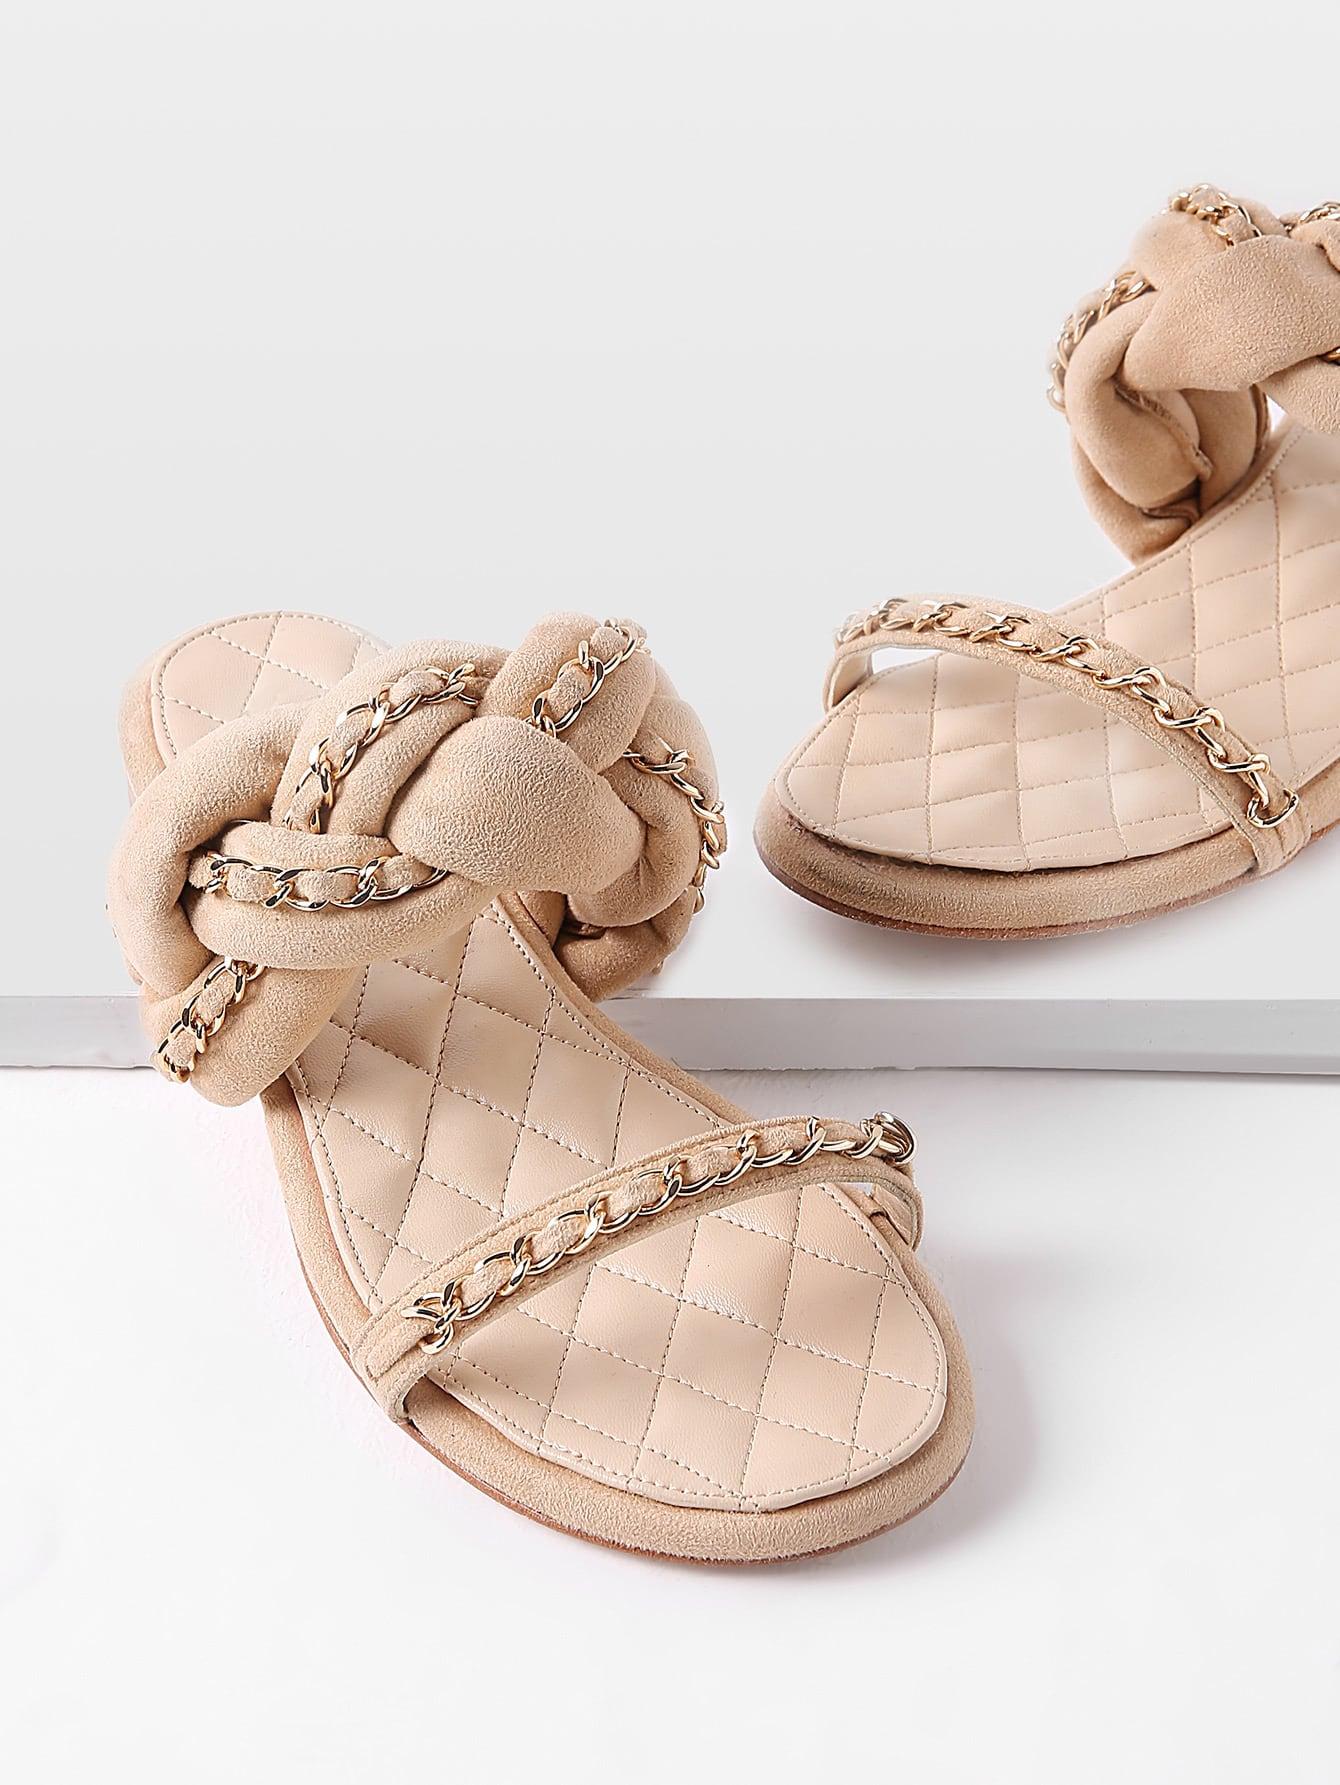 shoes170403813_2